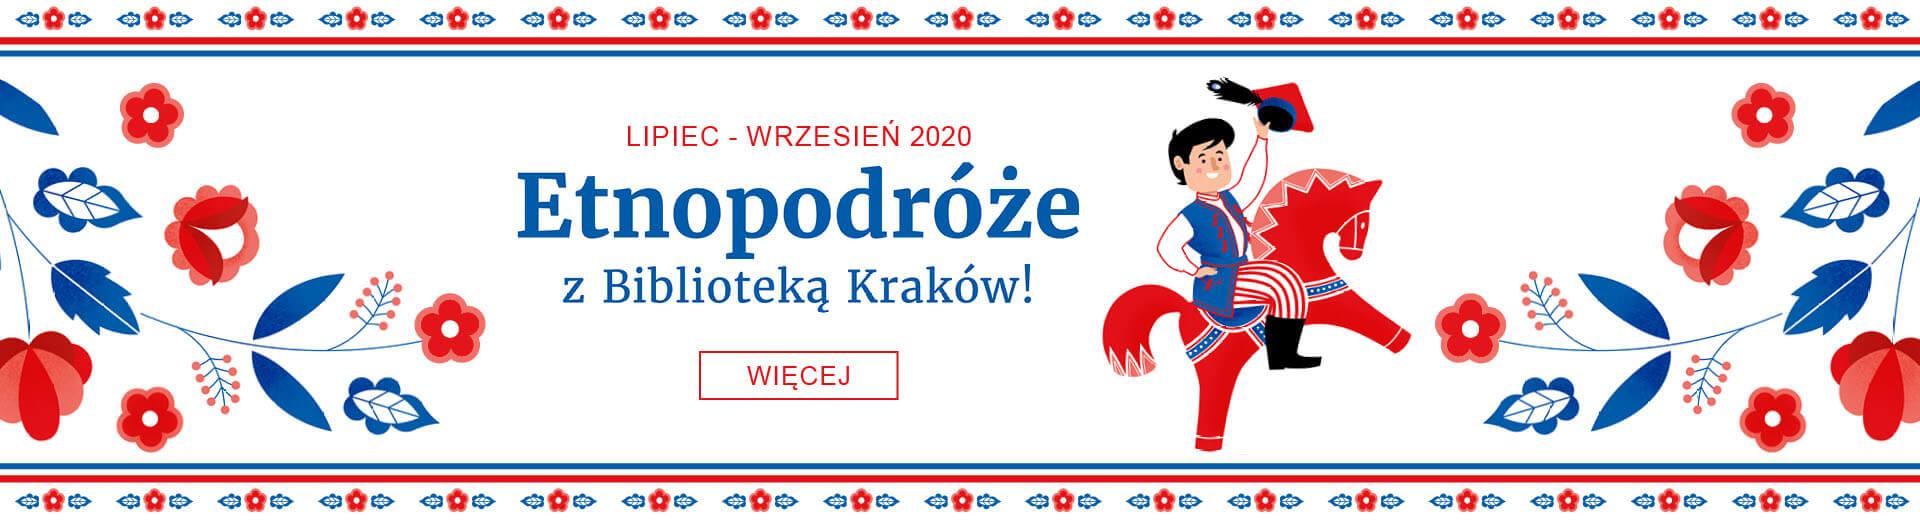 Grafika nawiązująca do kultury lufowej: drobne kwiaty, chłopiec w krakowskim stroju na drewnianym koniku